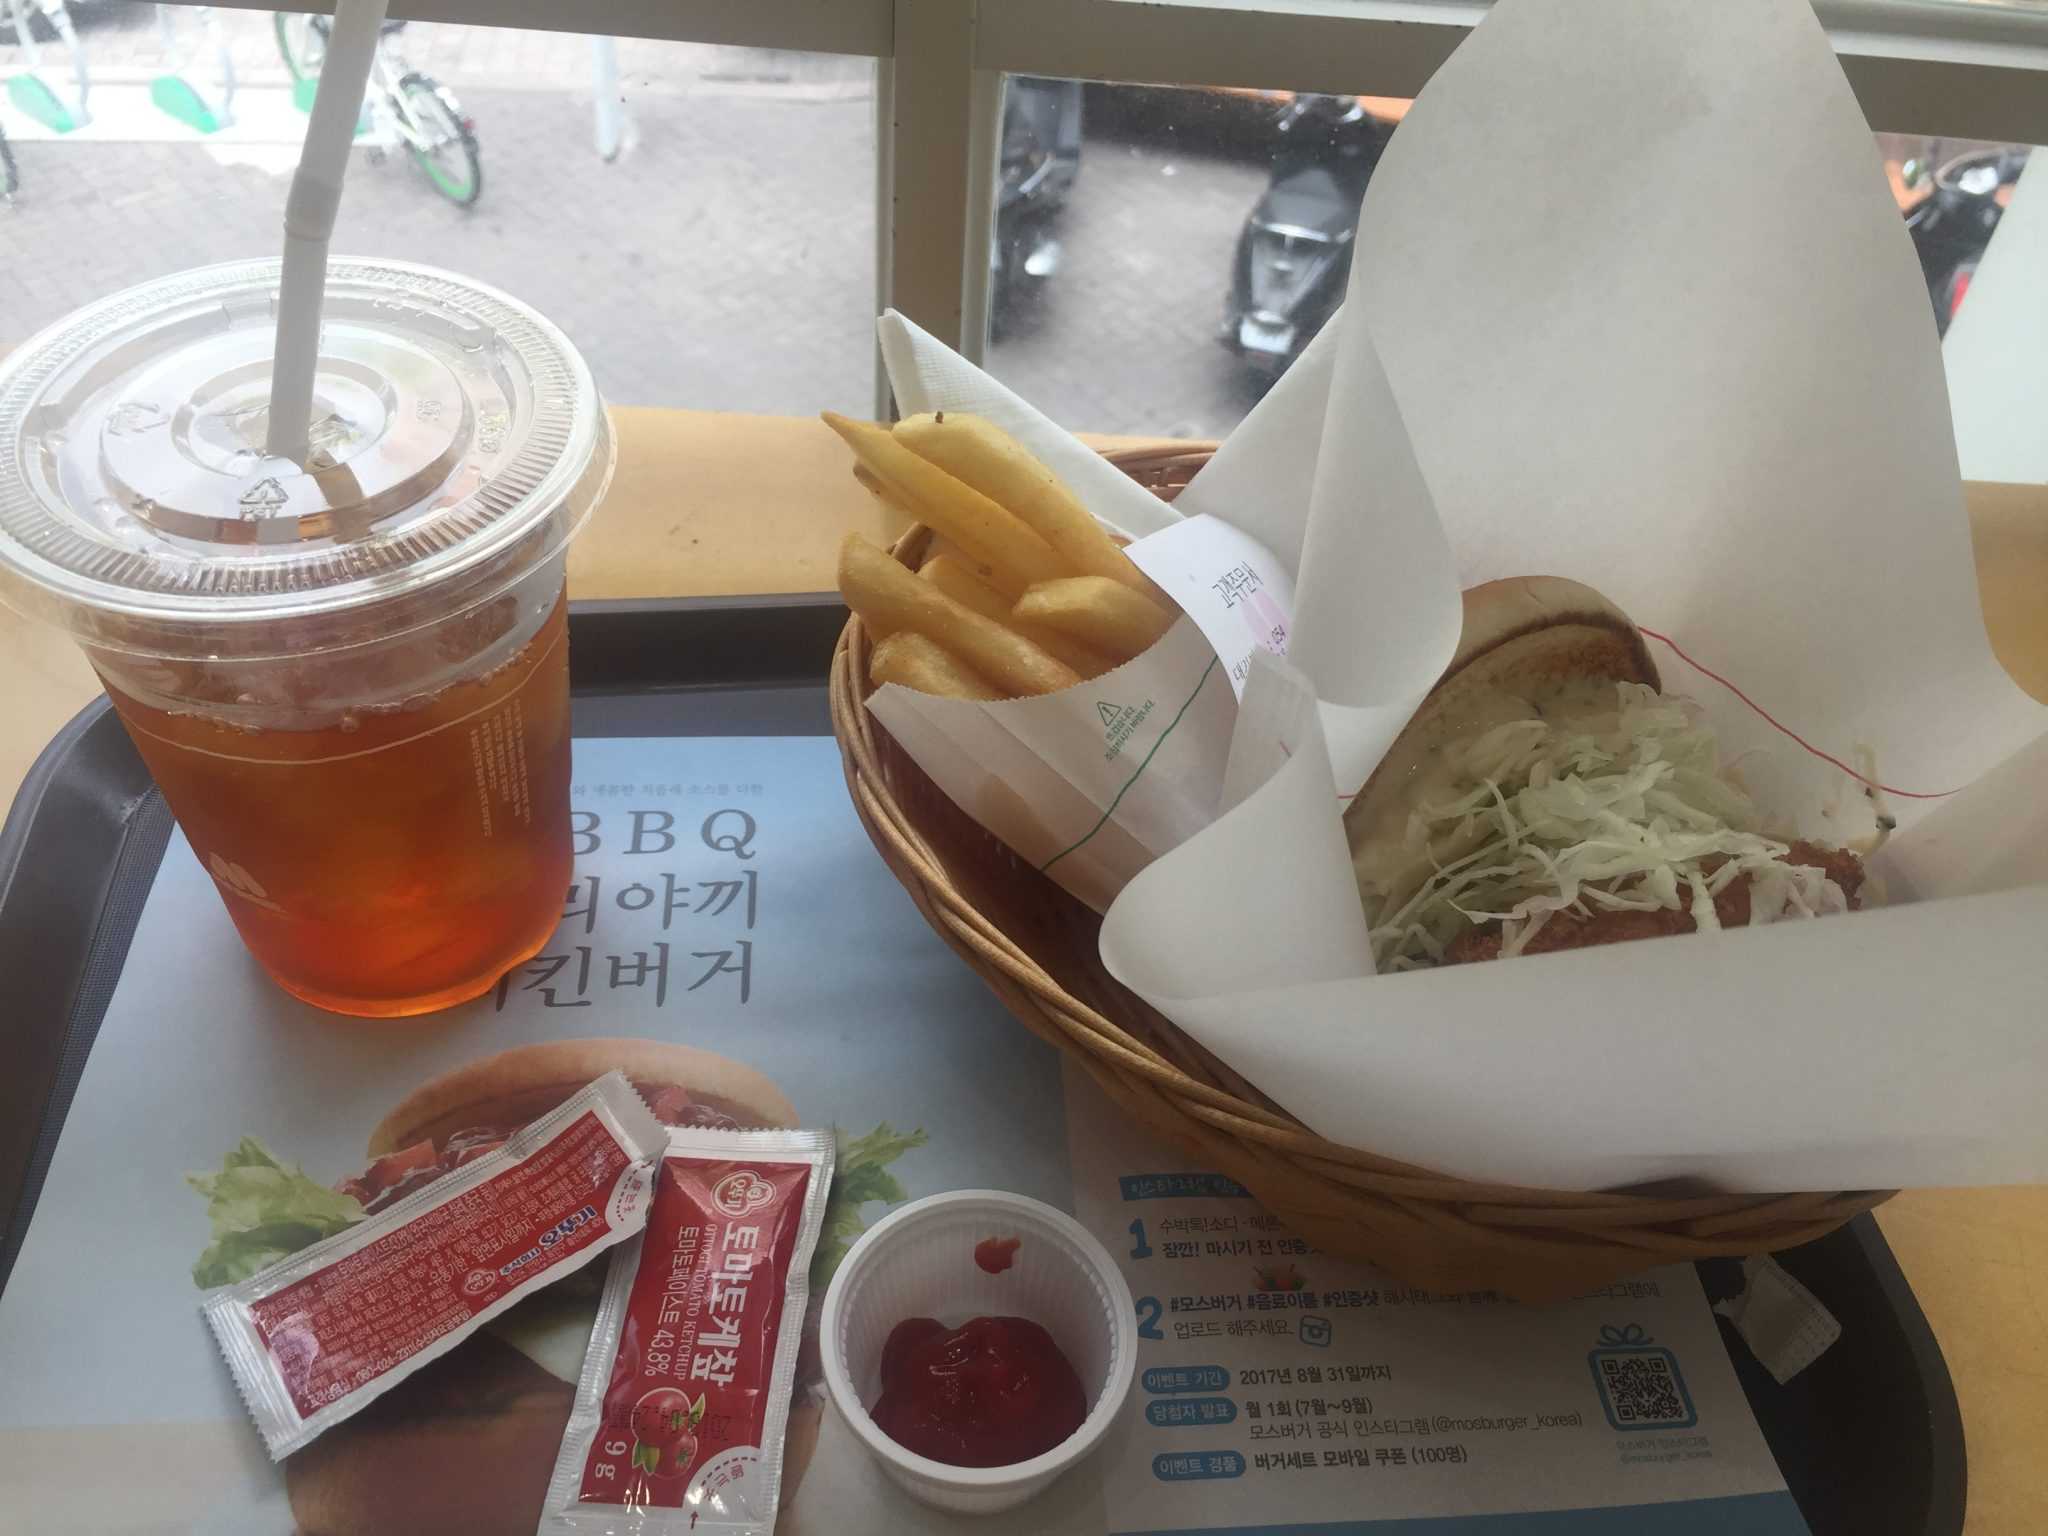 韓国のモスバーガーに行ってきた。久しぶりのモスバーガーで、アレが増えて嬉しかった話。